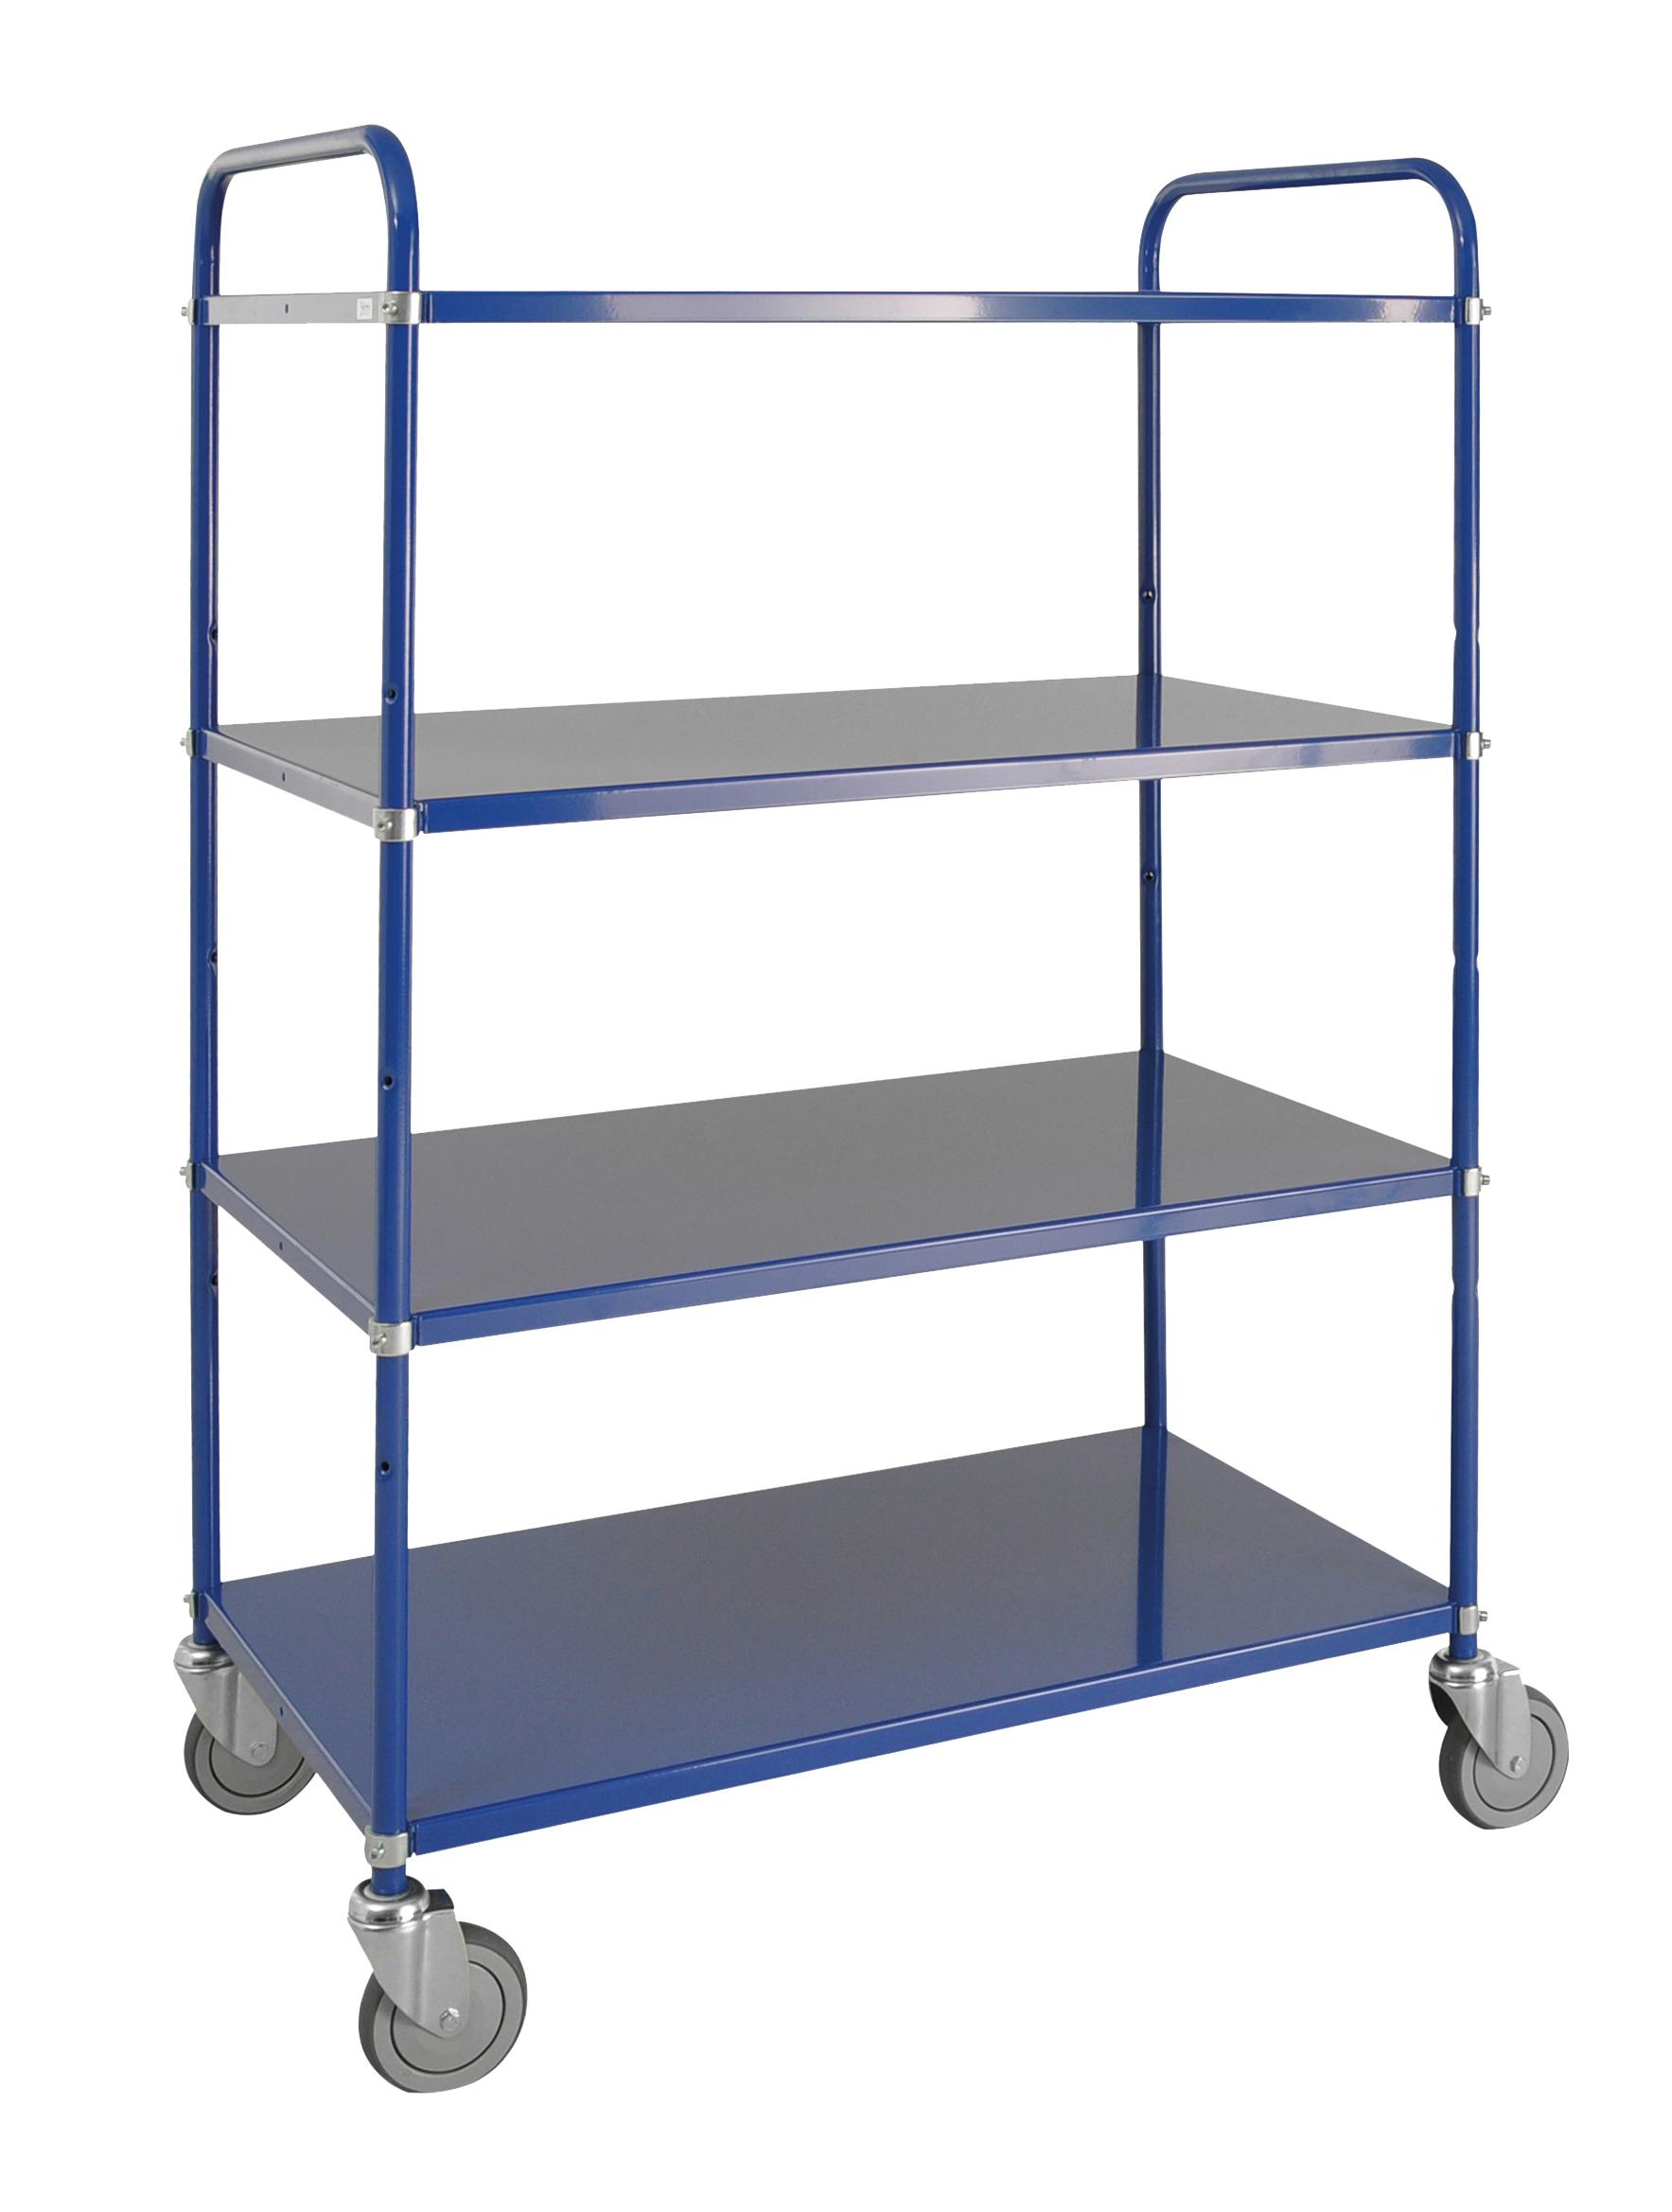 Light shelf trolley KM4125-B